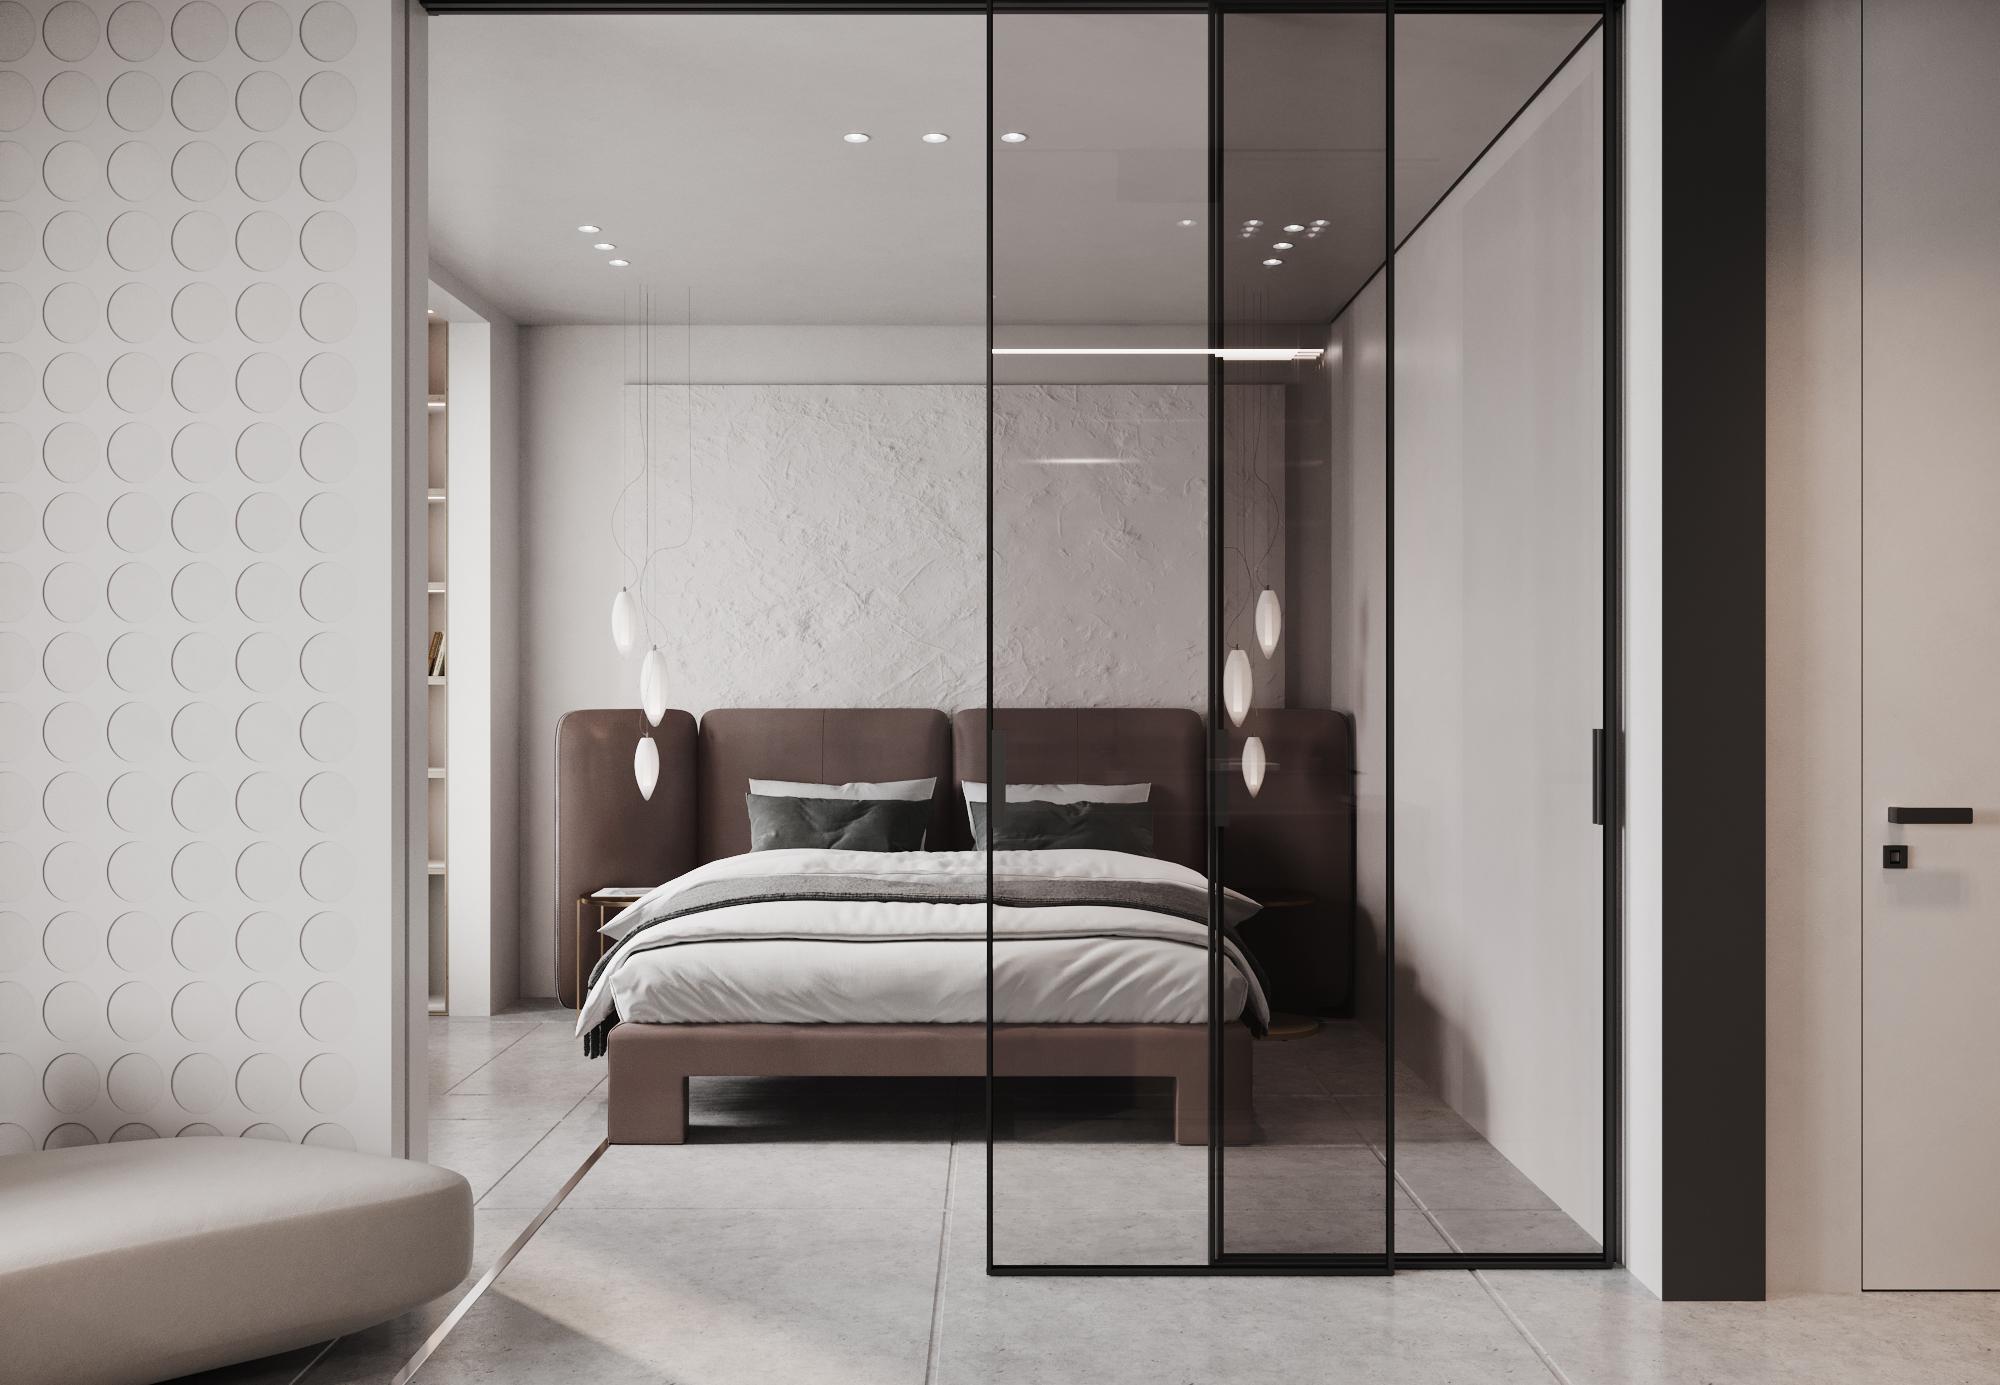 Объемная картина из гипса за кроватью, стена обрамленная гипсовыми панелями, выглядит как игра современного искусства в жилом пространстве